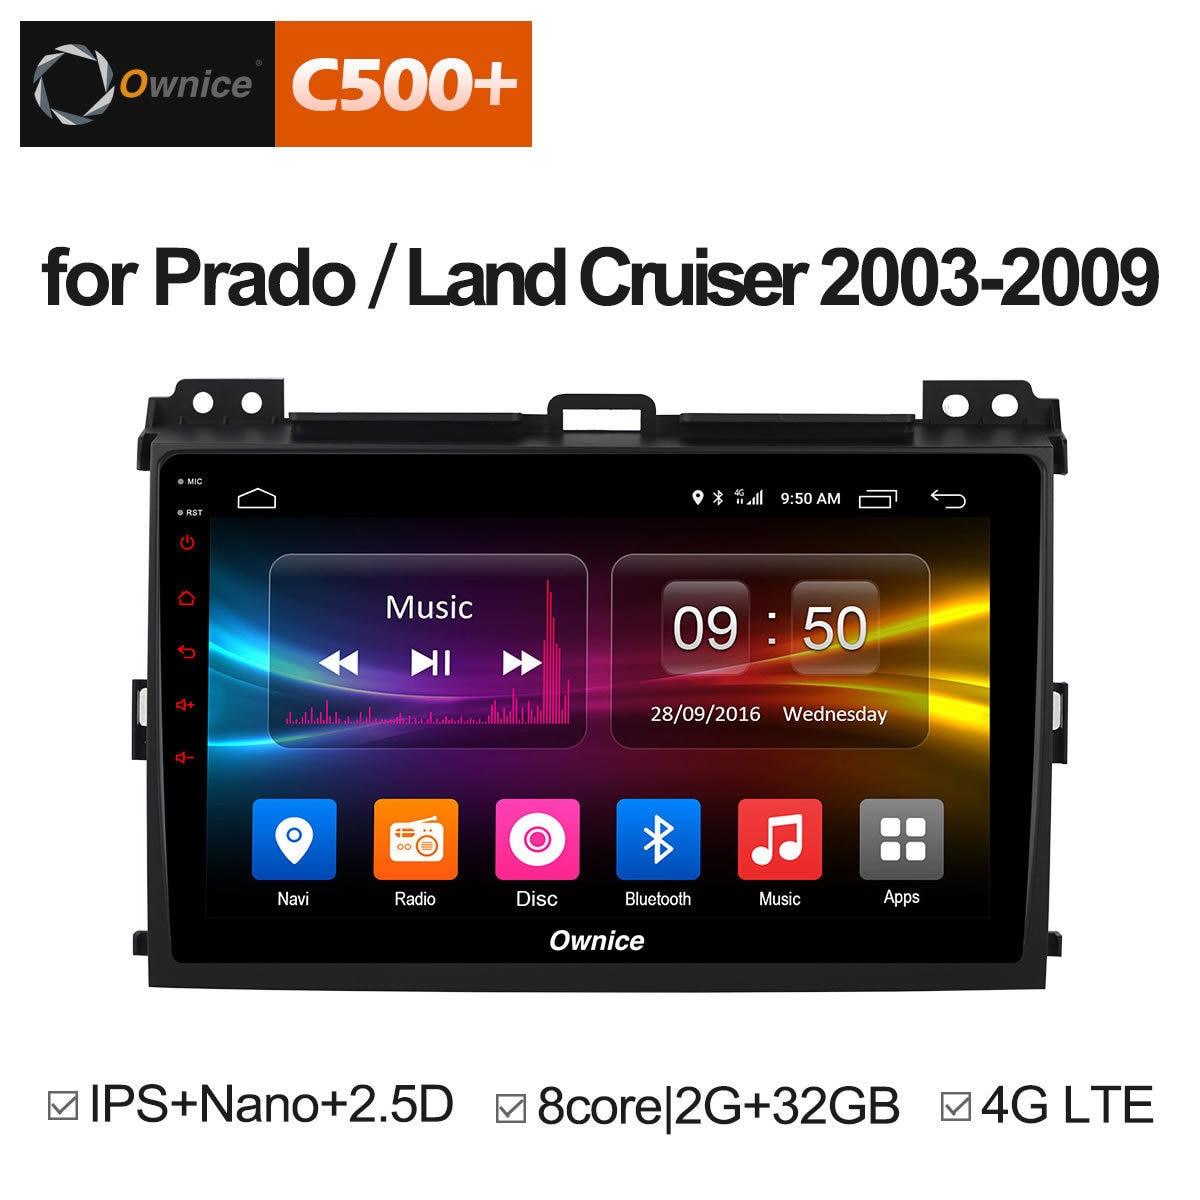 Ownice Multimídia Android 8.1 DVD de Navegação GPS Para Prado 2004-2009 Land Cruiser 2003 Estéreo DAB + DVR Car jogar DAB PC